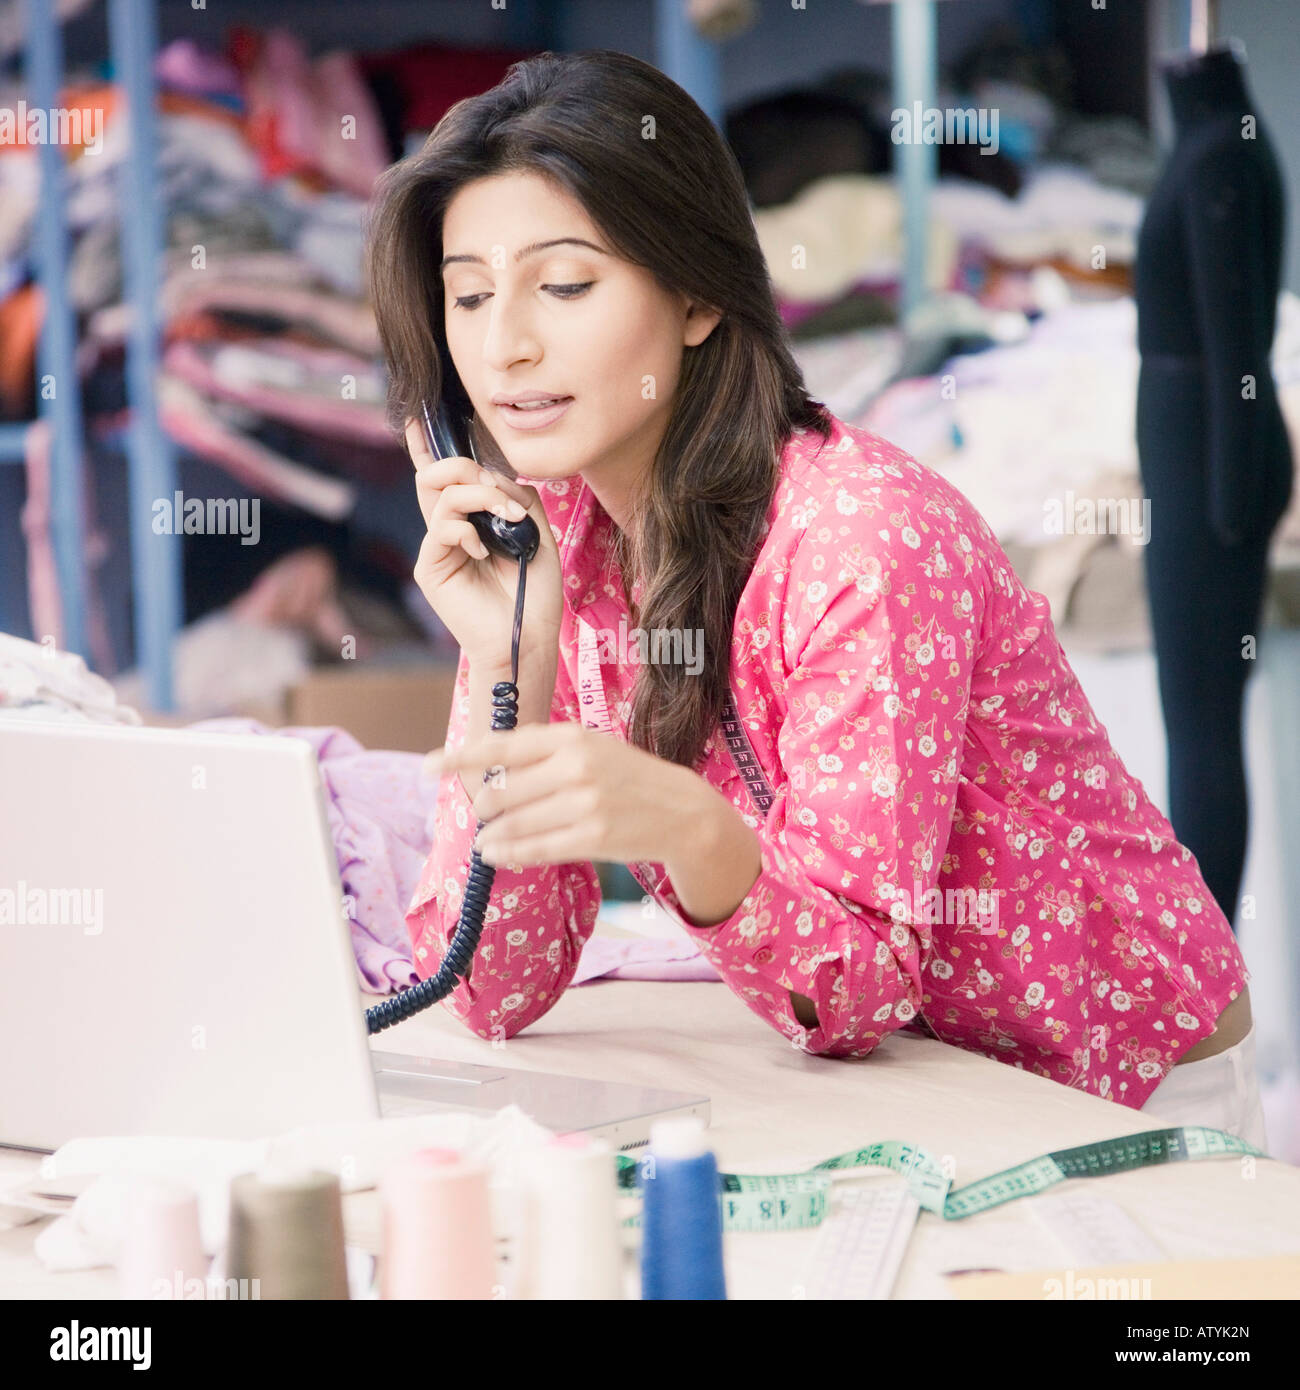 Indian Fashion Designer Imágenes De Stock & Indian Fashion Designer ...